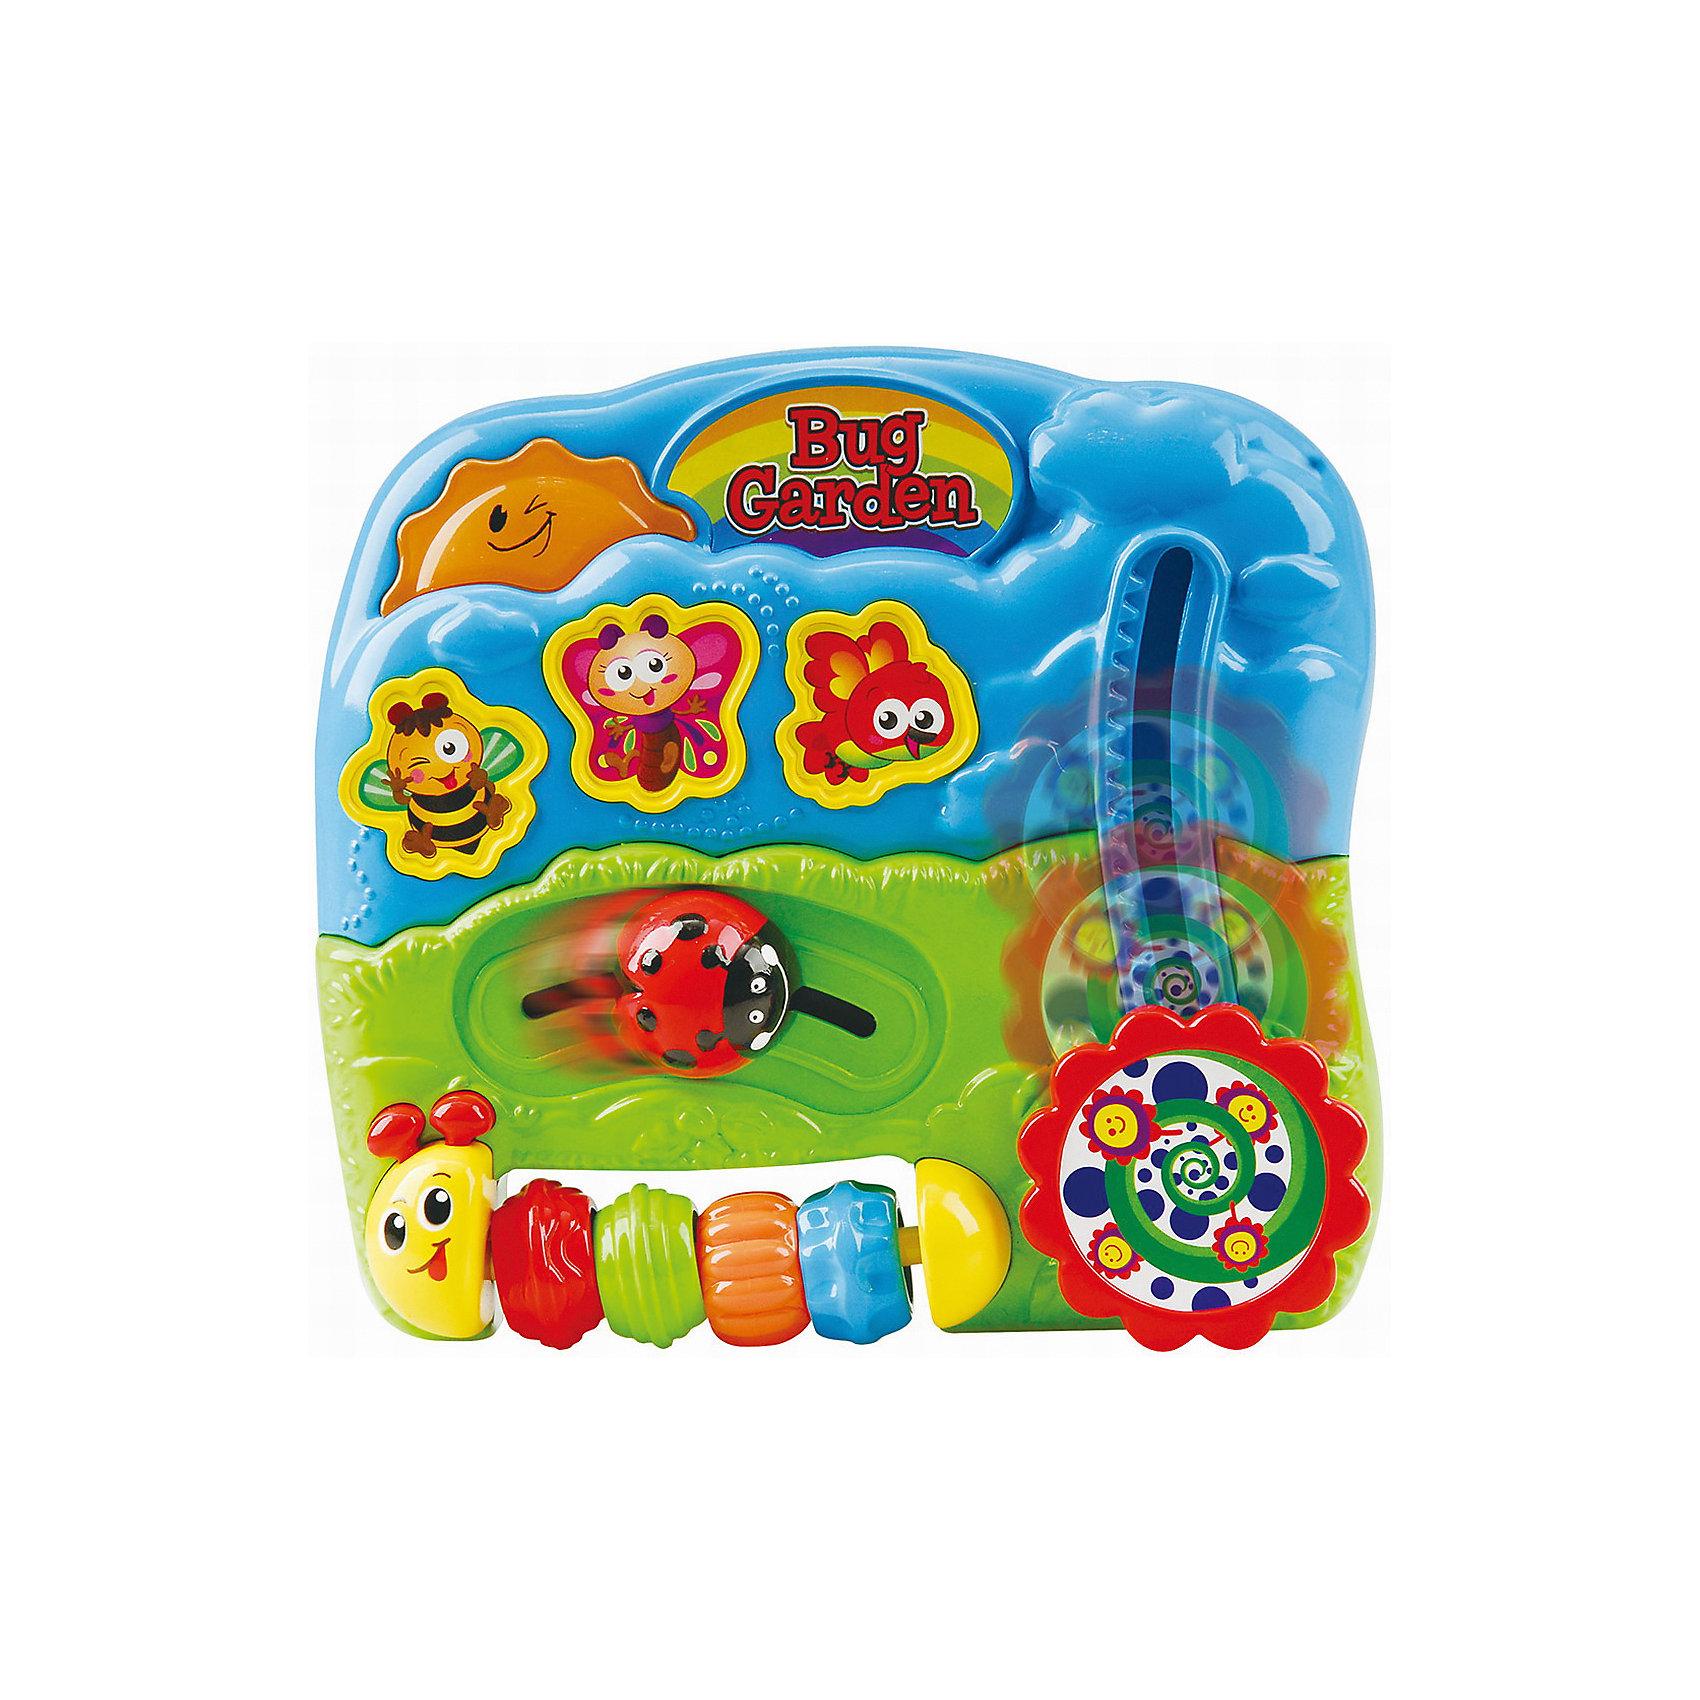 Развивающая игрушка Сад букашек, PlaygoРазвивающие игрушки<br>Развивающая игрушка Сад букашек, Playgo<br><br>Характеристики:<br>- Материал: пластик<br>- В комплект входит: игрушка, батарейки 2шт. <br>- Элементы питания: батарейки АА<br>- Размер упаковки: 17 * 5 * 17 см.<br>- Вес: 430 гр.<br>Сад букашек от известного китайского бренда развивающих игрушек для детей Playgo (Плейго) станет прекрасным подарком для крохи. Божья коровка, пчелка, бабочка, гусеничка и птичка в своей обычной среде обитания рады провести время с малышом. Колесо с цветочками крутится и двигается вверх-вниз, а нажимая на кнопочки можно послушать песенки и услышать разные звуки. Кроме того, на пластиковой гусенице имеются рельефные двигающиеся цветные колечки. Изготовленная из качественного пластика, яркая игрушка поможет развить тактильные ощущения, звуковое восприятие, воображение, световое восприятие и моторику ручек. Небольшой размер позволит брать веселую игрушку на прогулку или в поездку.<br>Развивающую игрушку Сад букашек, Playgo (Плейго) можно купить в нашем интернет-магазине.<br>Подробнее:<br>• Для детей в возрасте: от 6 до 24 месяцев <br>• Номер товара: 5054056<br>Страна производитель: Китай<br><br>Ширина мм: 210<br>Глубина мм: 200<br>Высота мм: 55<br>Вес г: 430<br>Возраст от месяцев: 6<br>Возраст до месяцев: 24<br>Пол: Унисекс<br>Возраст: Детский<br>SKU: 5054056